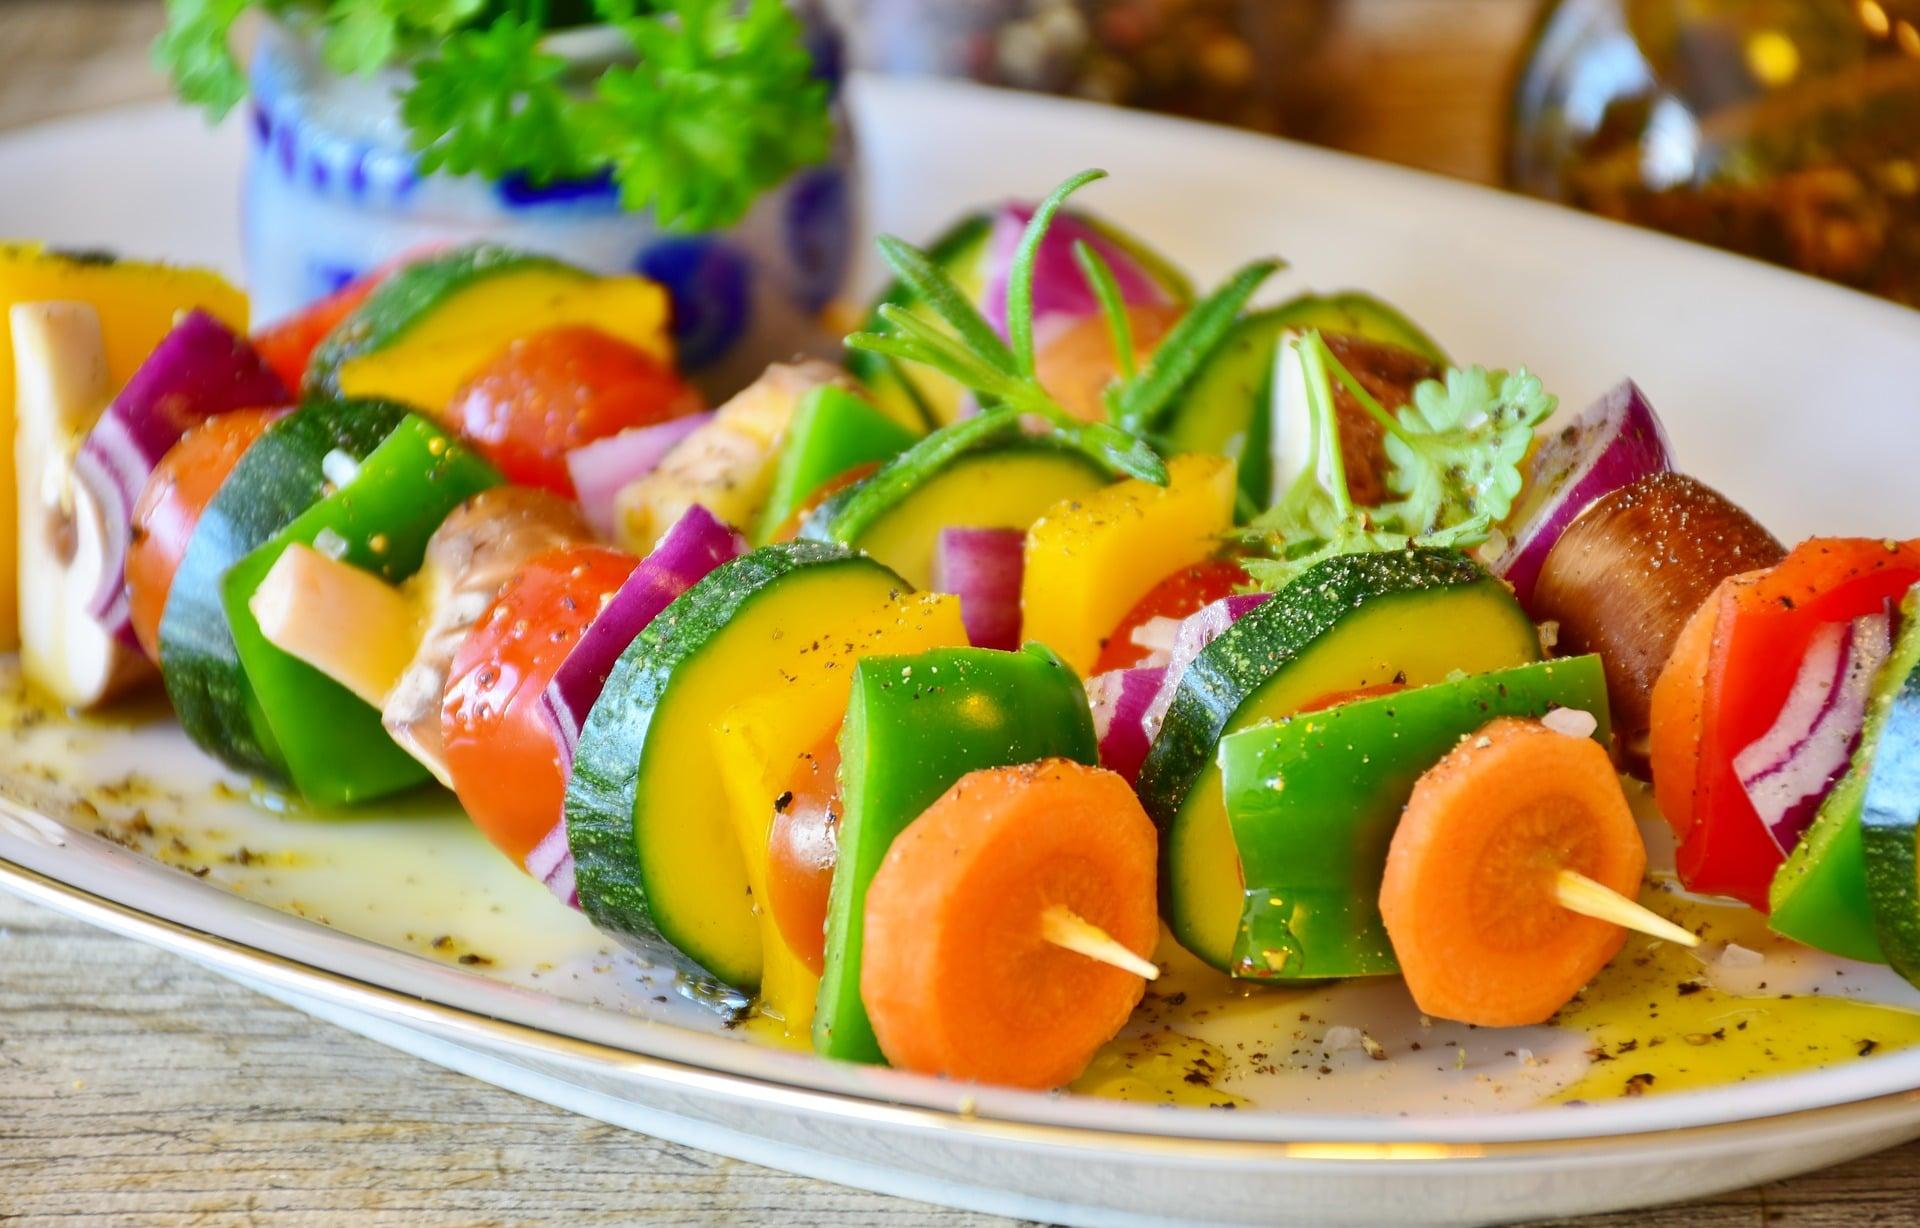 V jídelníčku dbejte na dostatek zeleniny / foto: pixabay.com